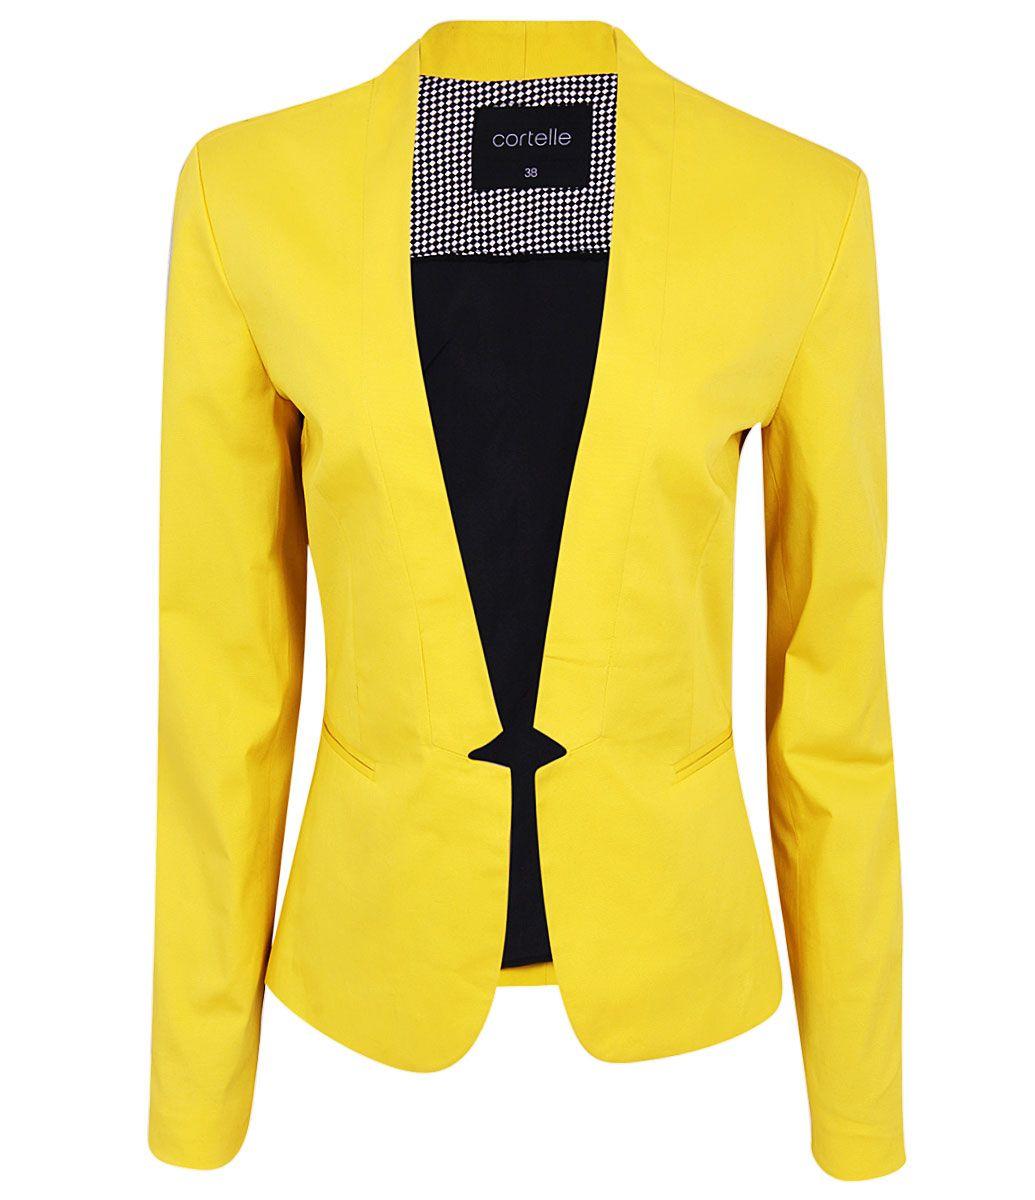 c3615dd000 Resultado de imagem para blazer feminino acinturado amarelo ...